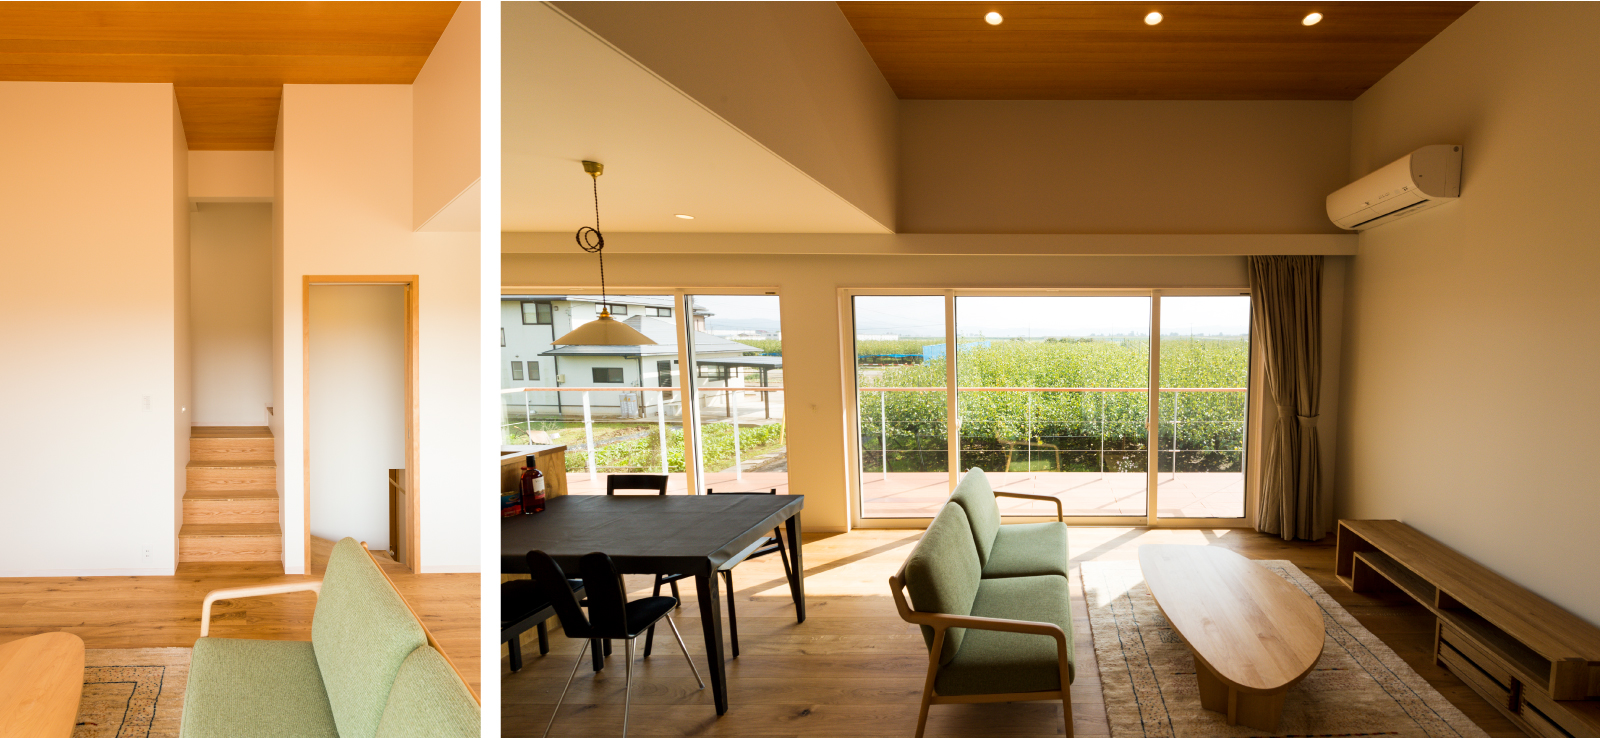 加茂市Nm_houseのリビングからは梨畑を一望できます。